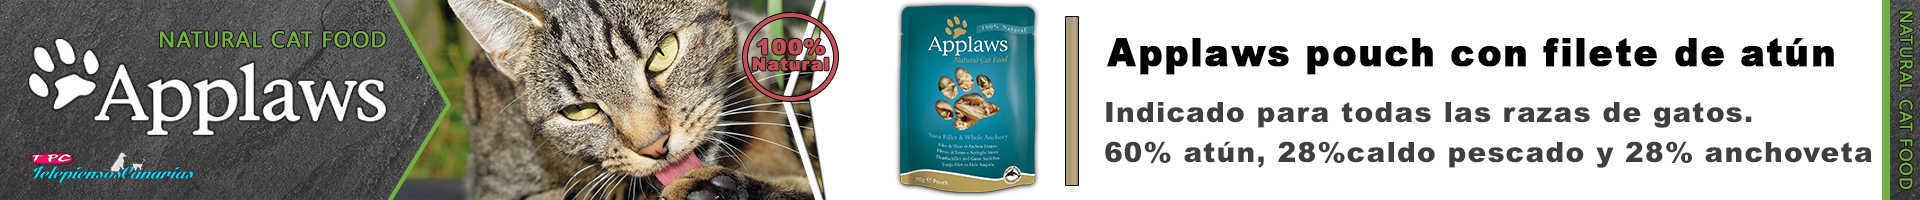 Applaws pouch con caldo de filete de atún y anchoveta